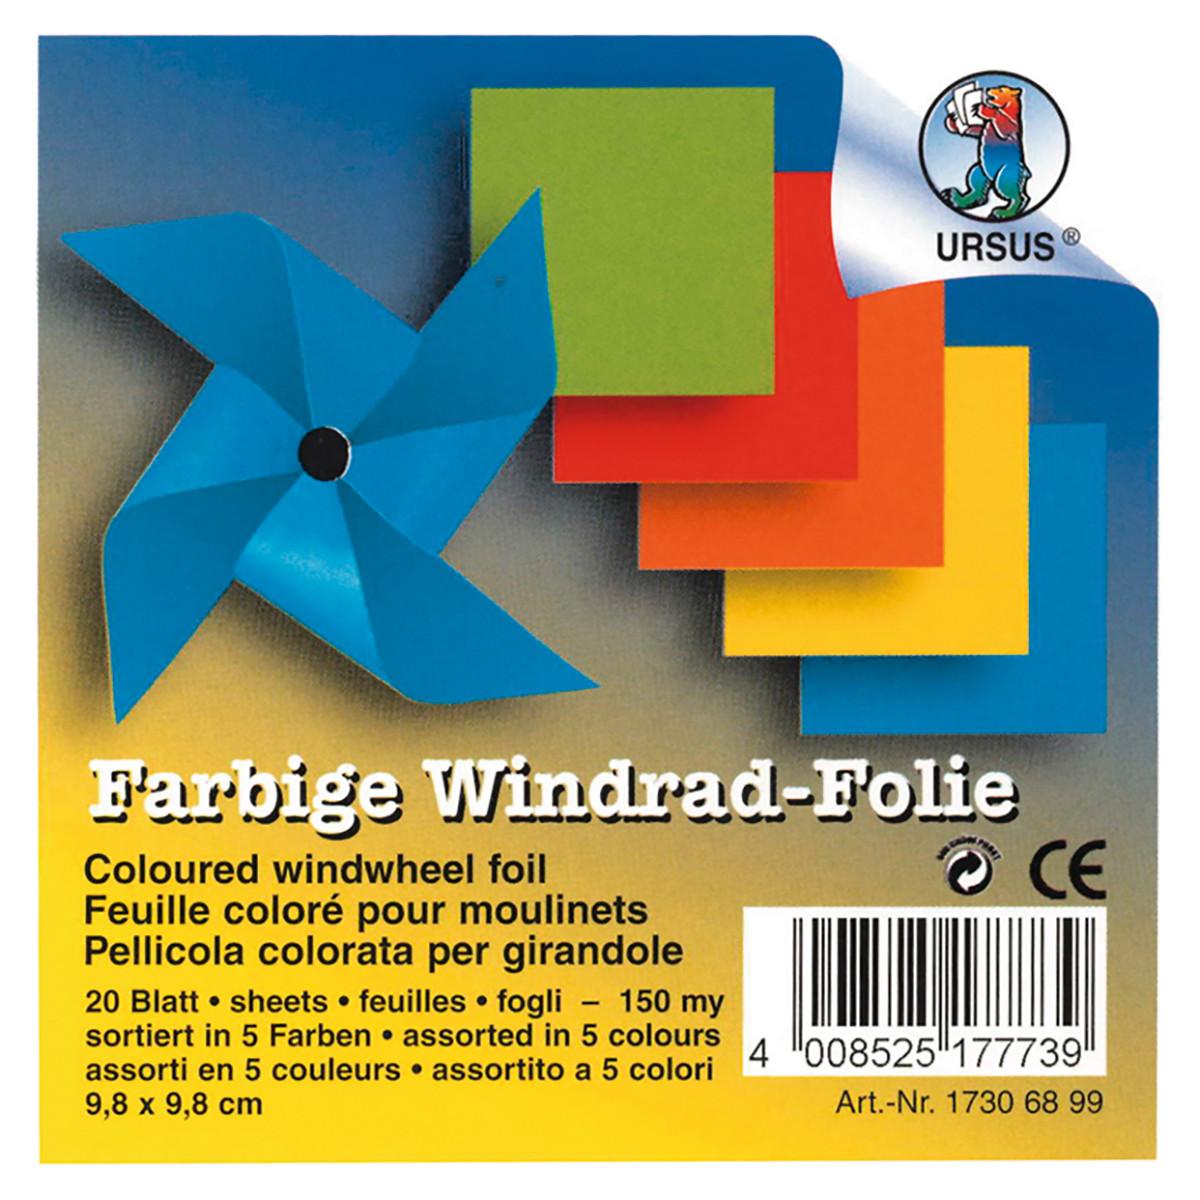 Farbige Windrad-Folie, 9,8 x 9,8 cm - 20 Blatt